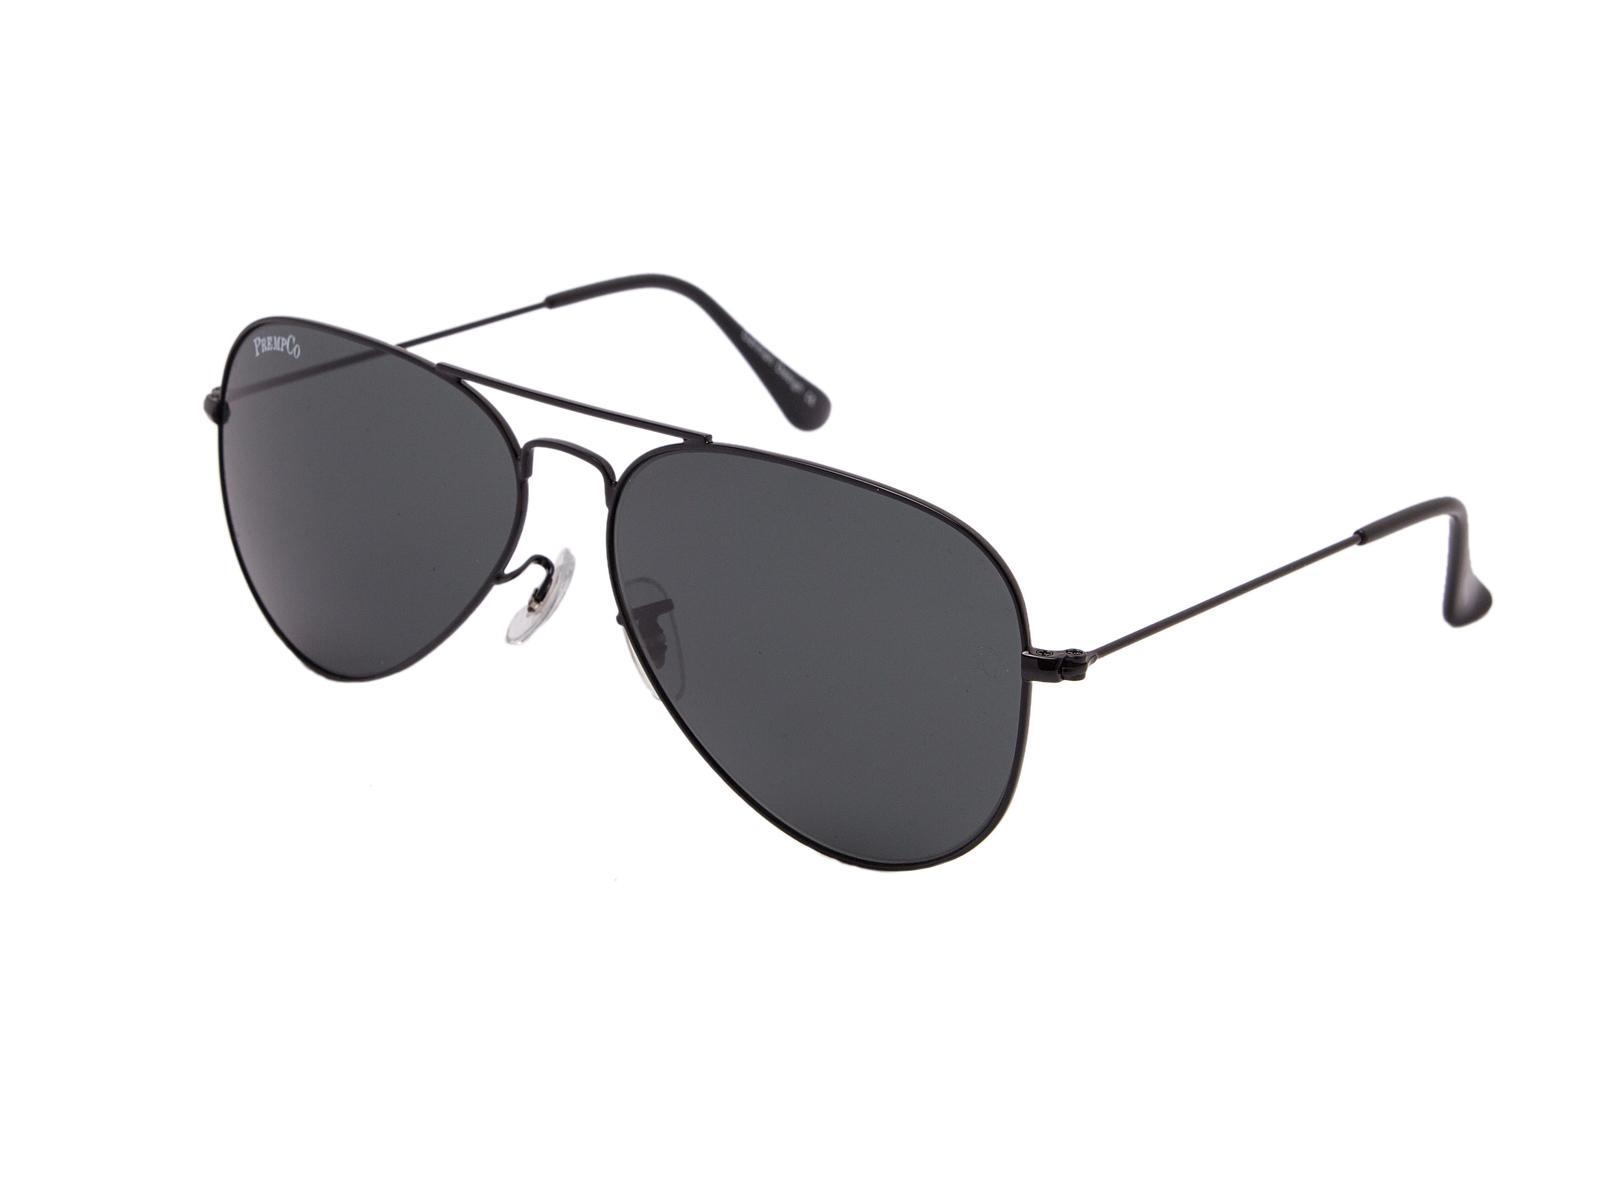 prempco aviator Damen sonnenbrille silber mirror silber gestell (14)